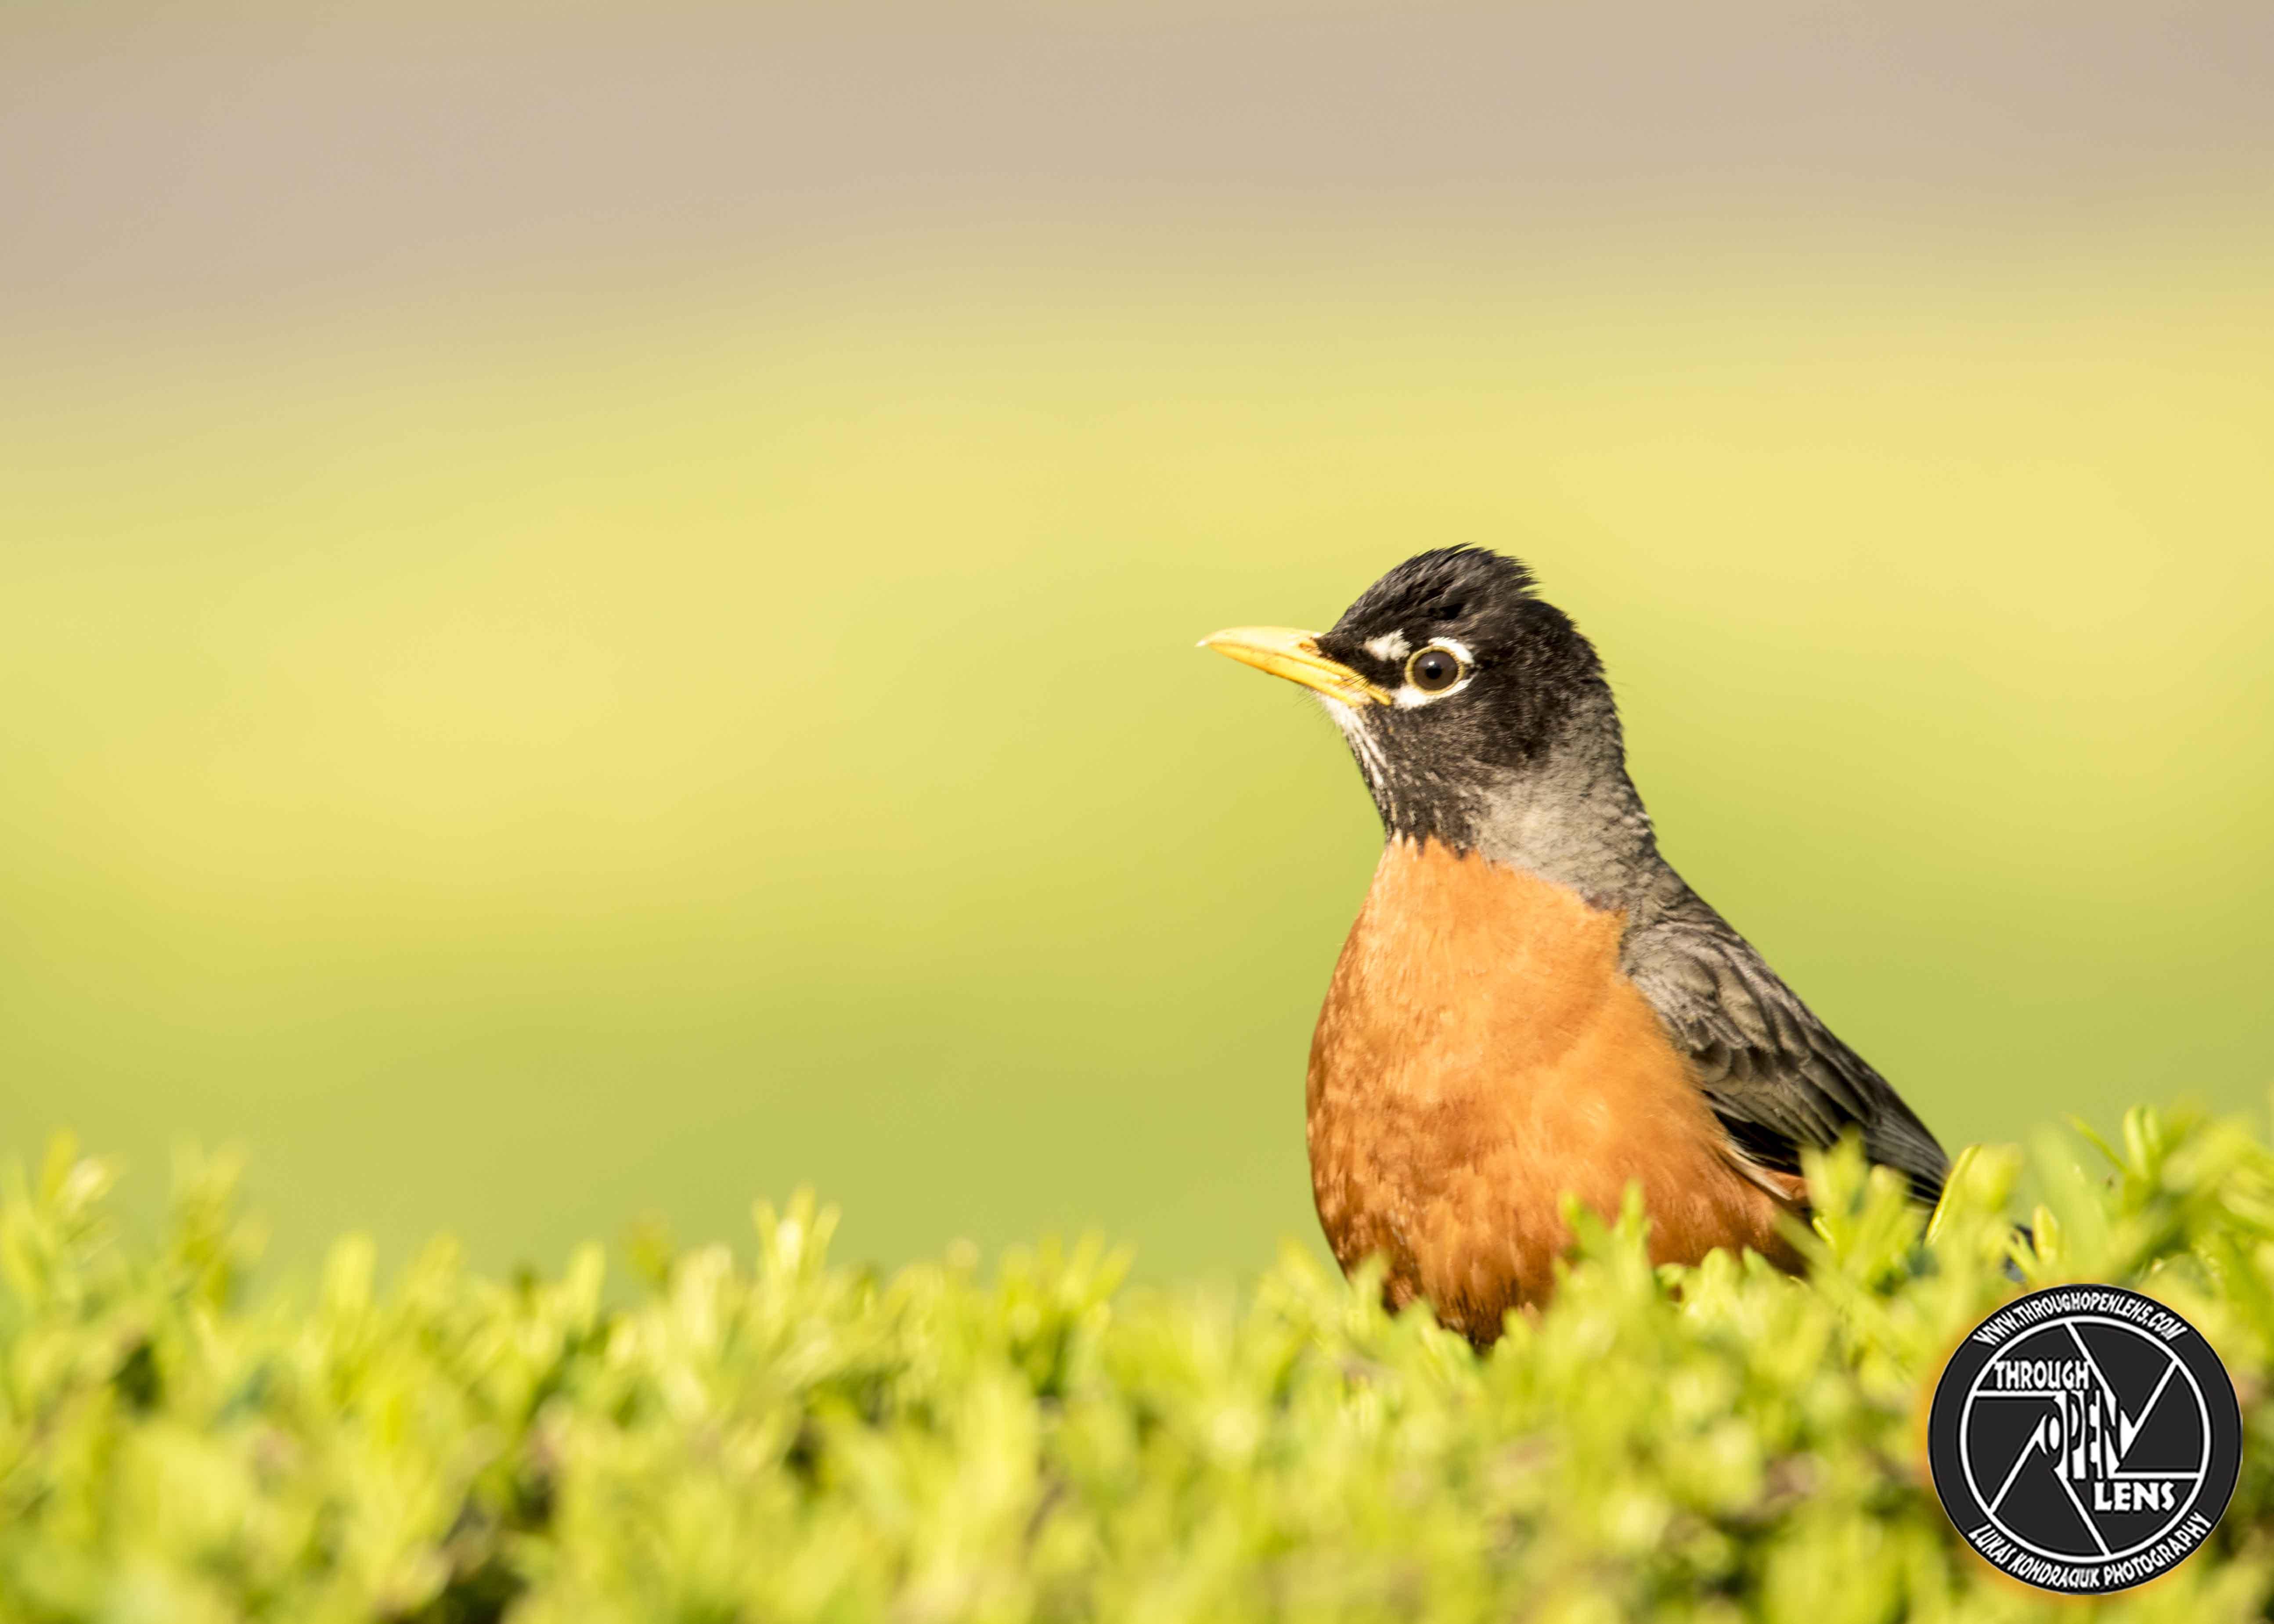 ¡Tenga cuidado con los petirrojos! | El Centro de Vida Silvestre de Virginia